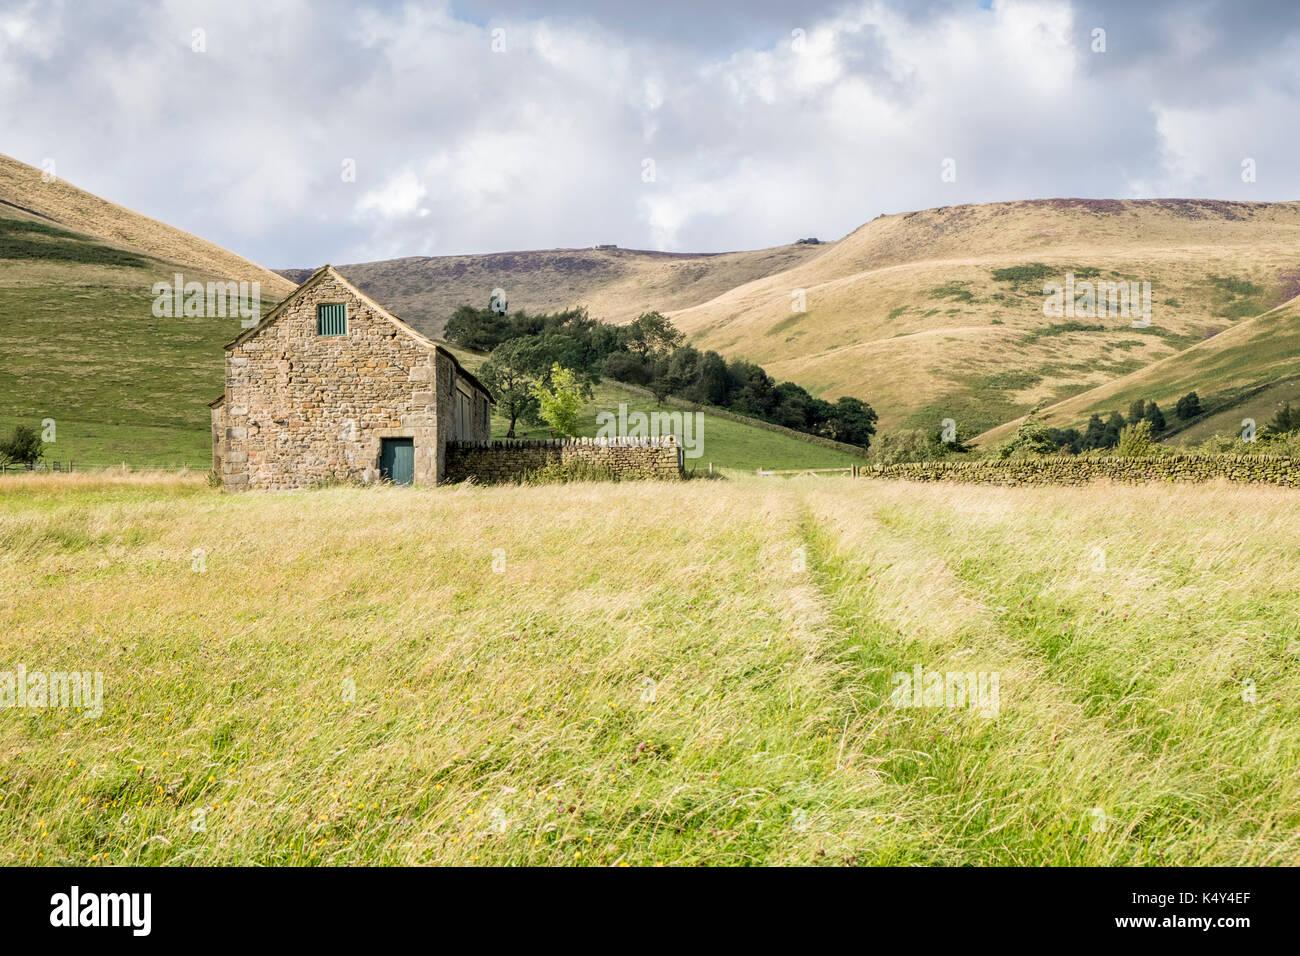 Derbyshire Landschaften: Alte Scheune am Fuße des Crowden Clough, in der Nähe der oberen Stand, Vale von Alfreton, Derbyshire, Peak District, England, Großbritannien Stockbild